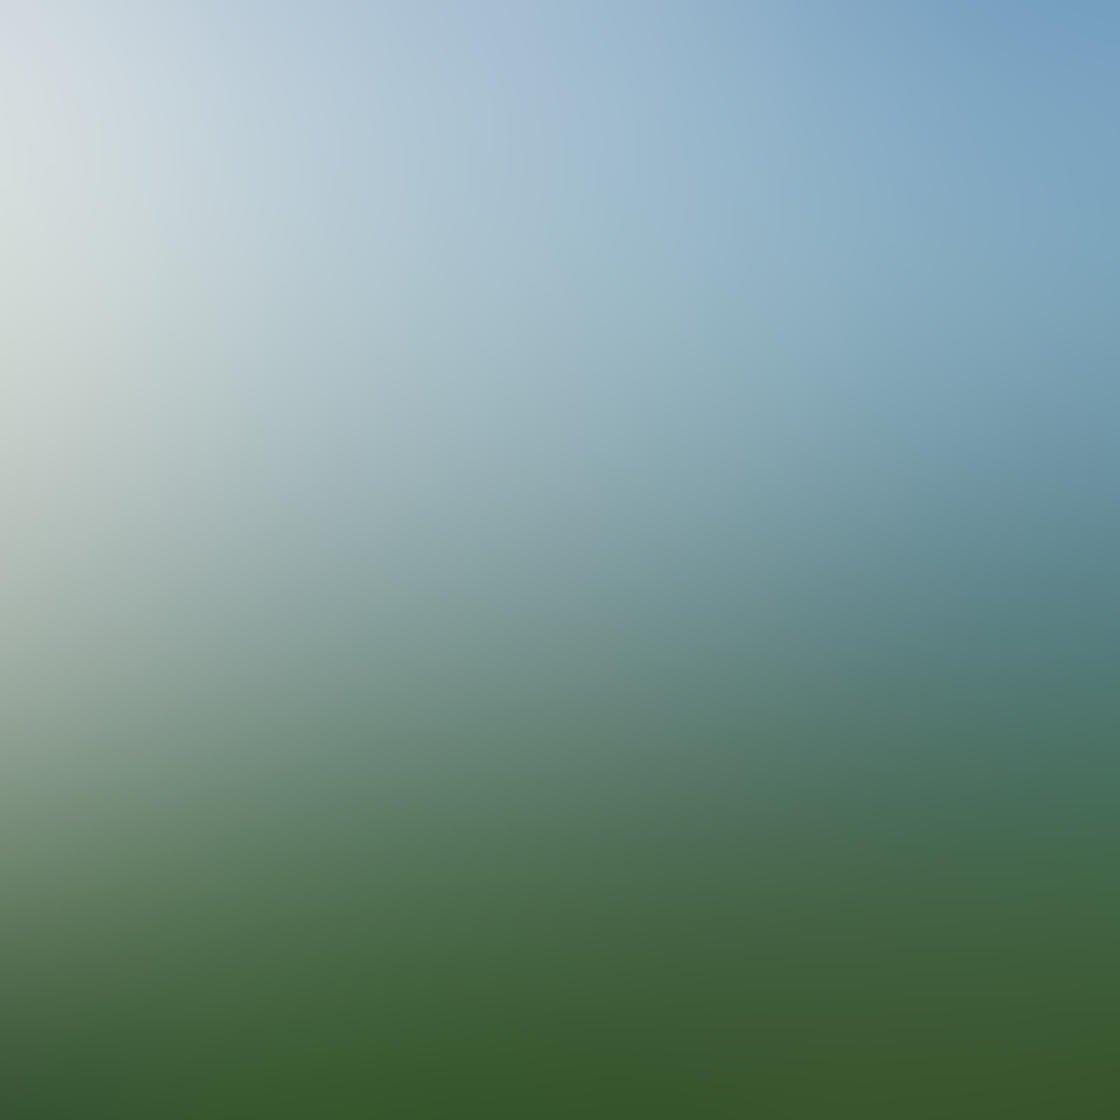 Landscape iPhone Photo Composition 28